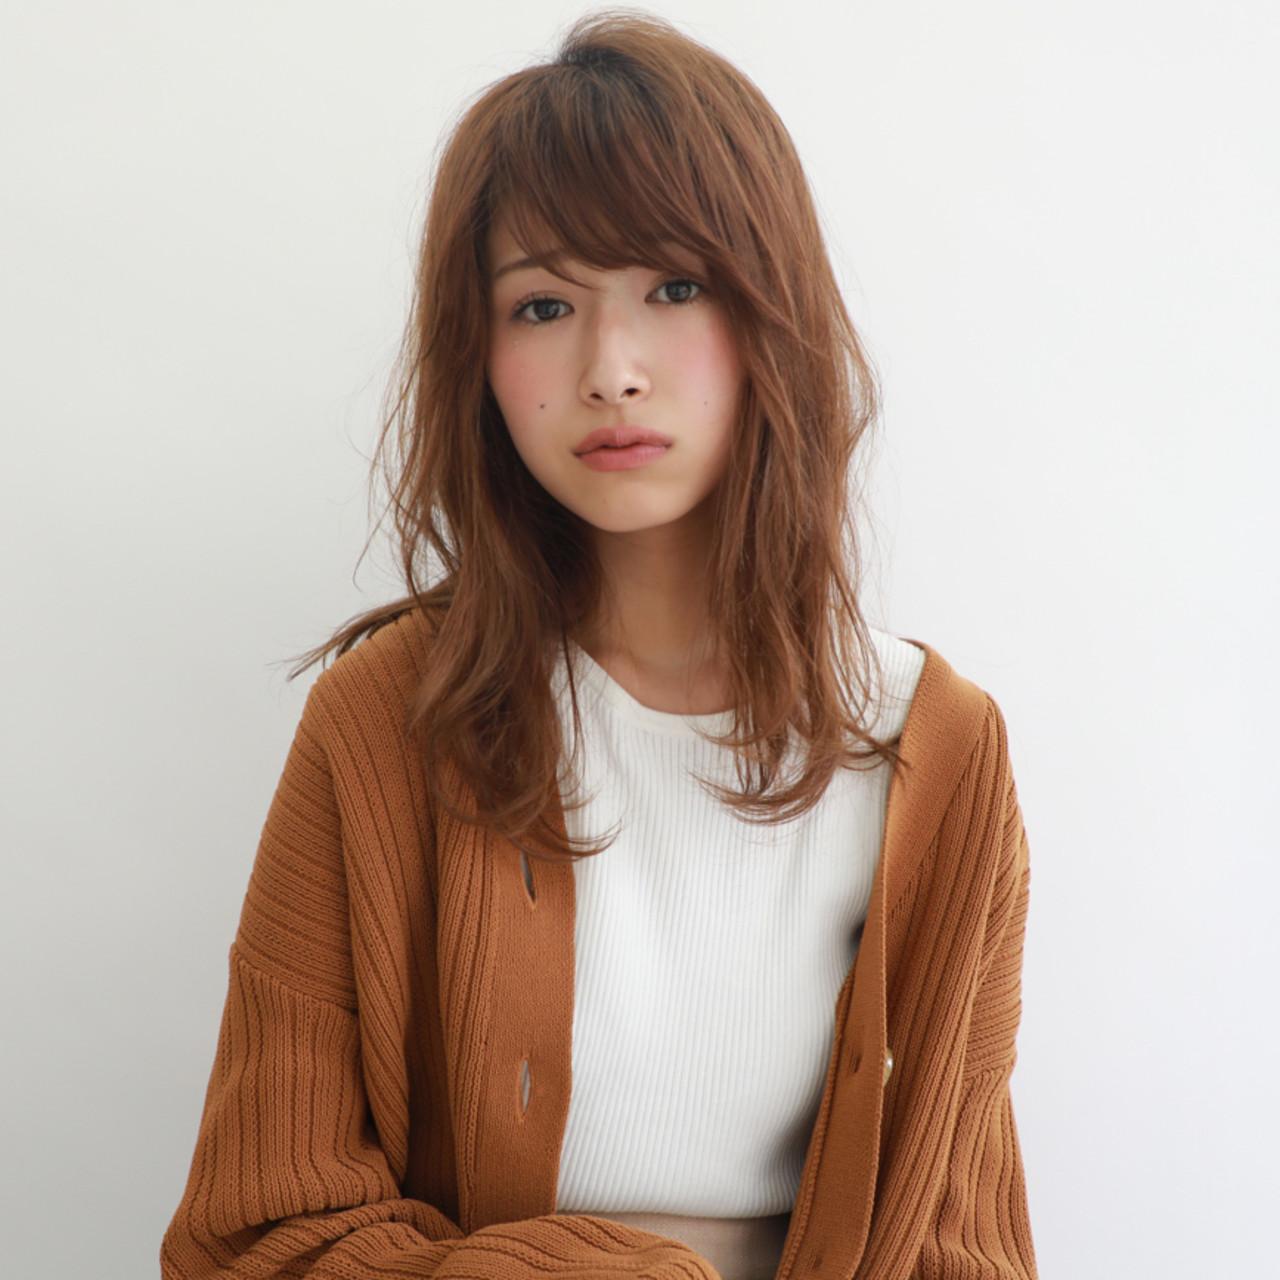 セミロング 大人可愛い ニュアンスヘア ナチュラル ヘアスタイルや髪型の写真・画像 | 櫻木裕紀 / Agnos青山